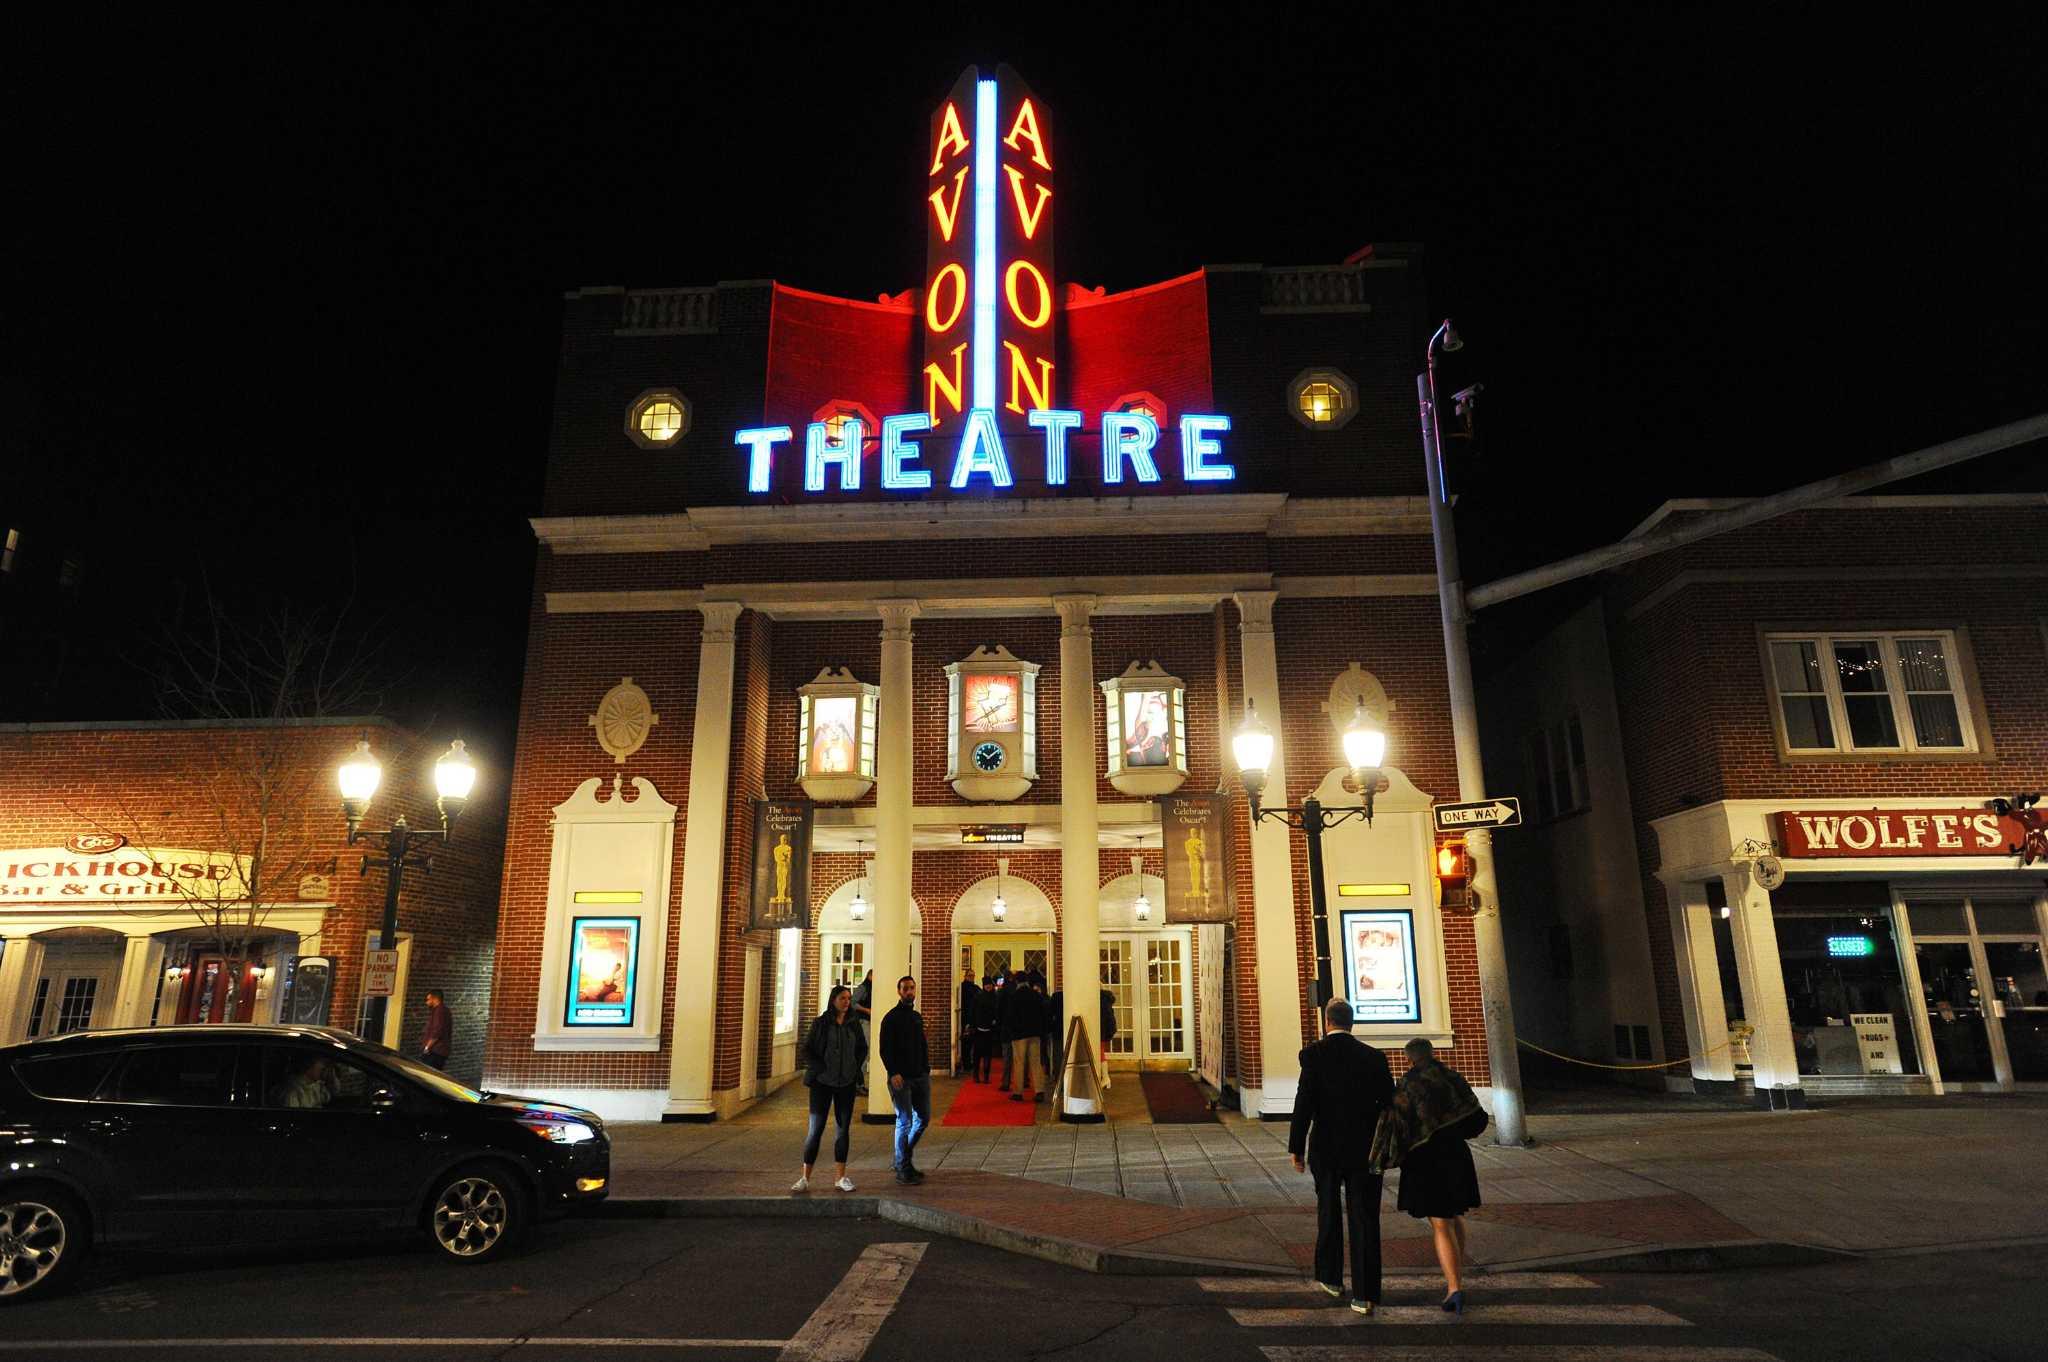 Avon Theatre removes Weinstein from film advisory board ...